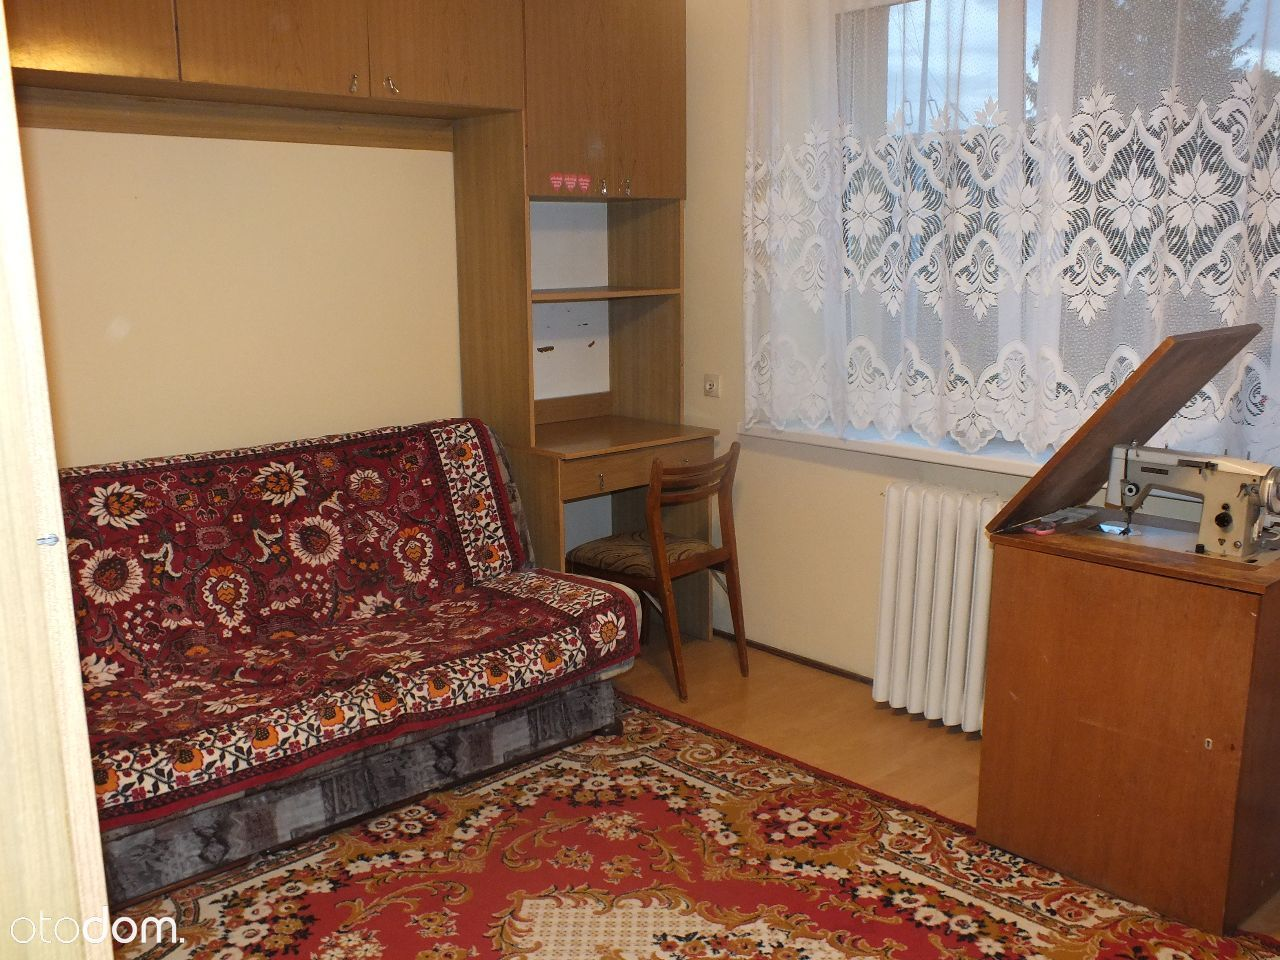 Dom na sprzedaż, Elbląg, warmińsko-mazurskie - Foto 16